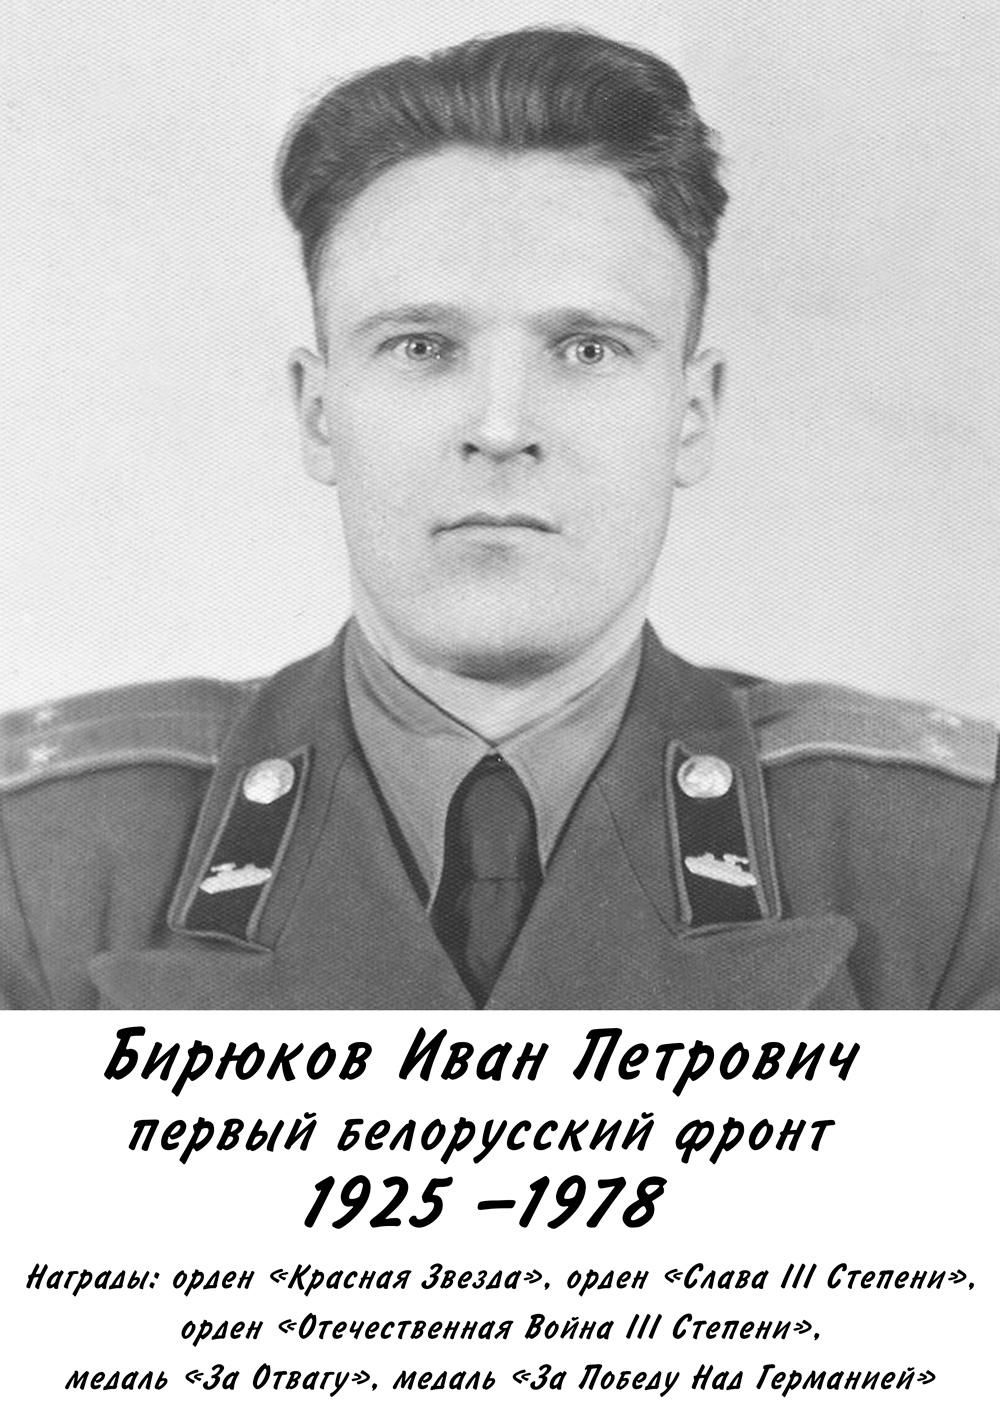 Бирюков Иван Петрович